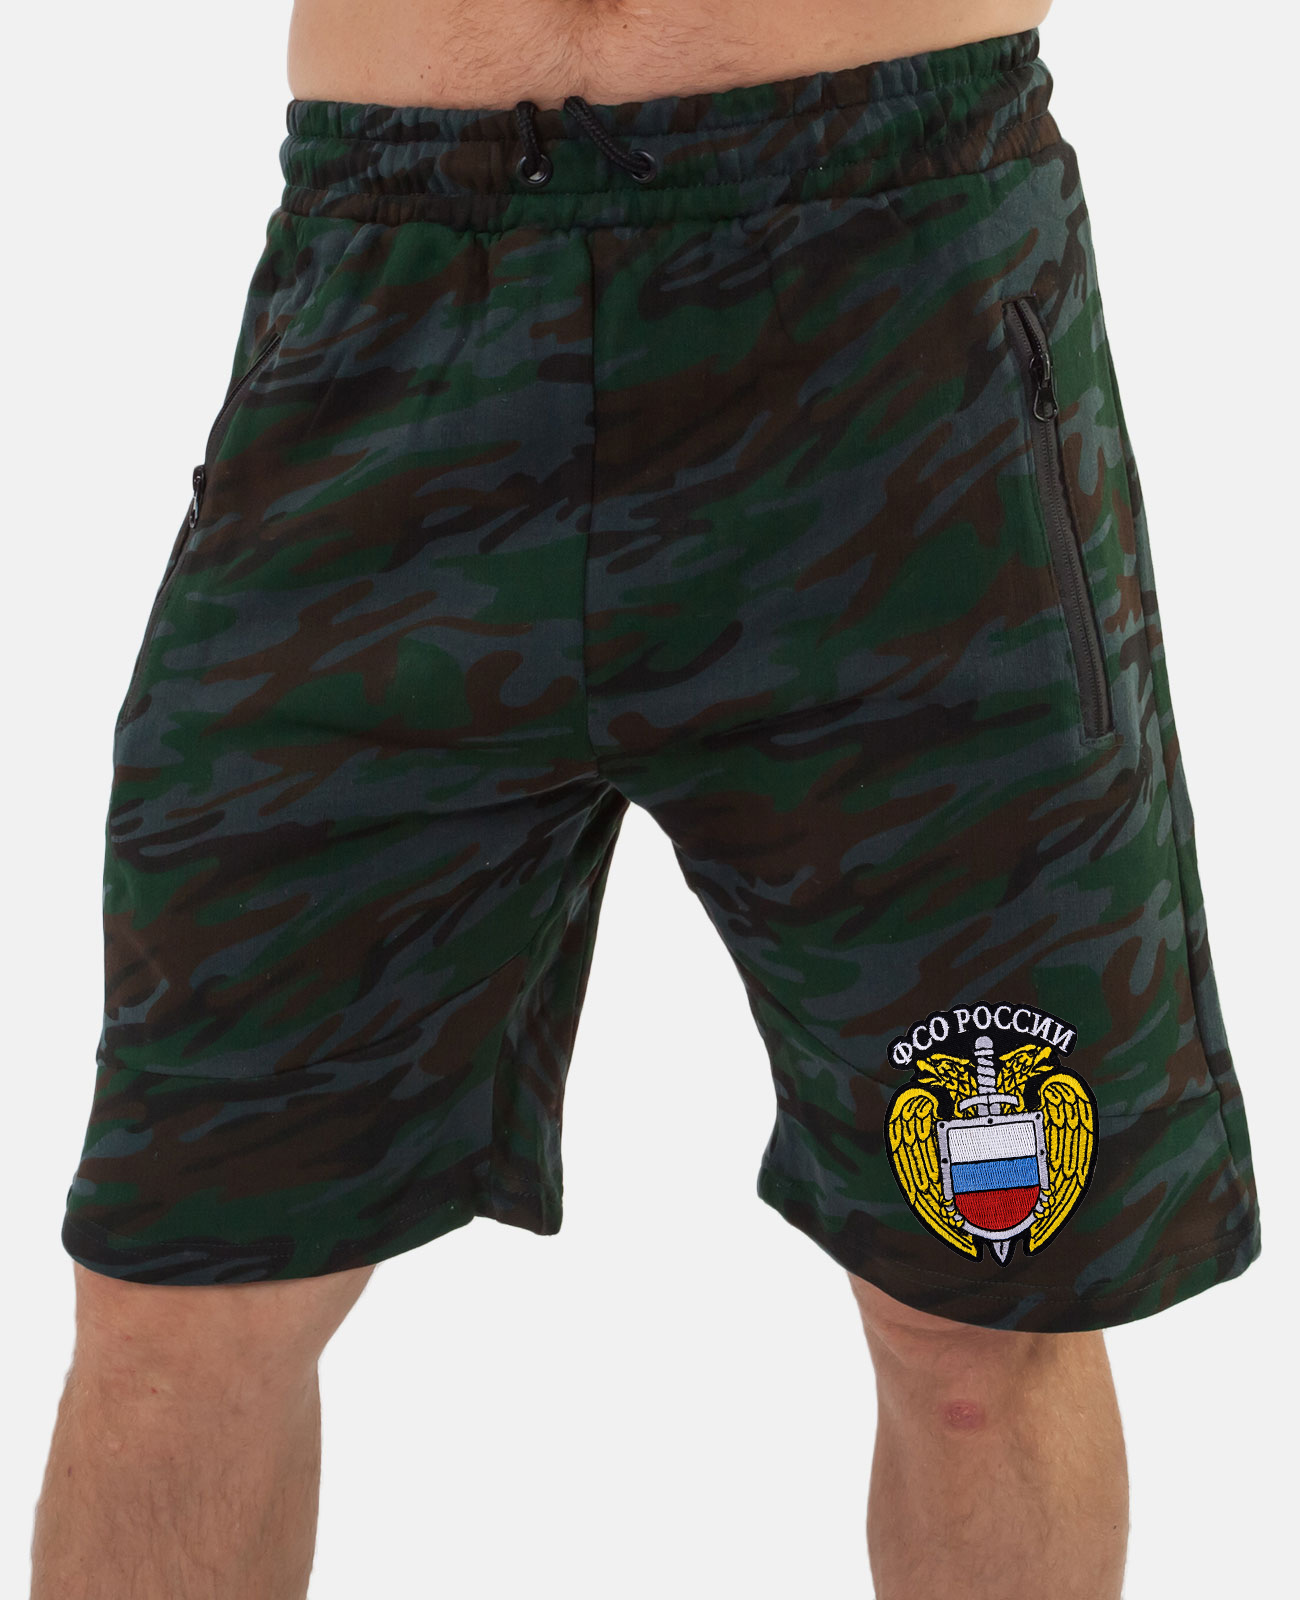 Крутые мужские шорты в армейском камуфляже заказать с доставкой